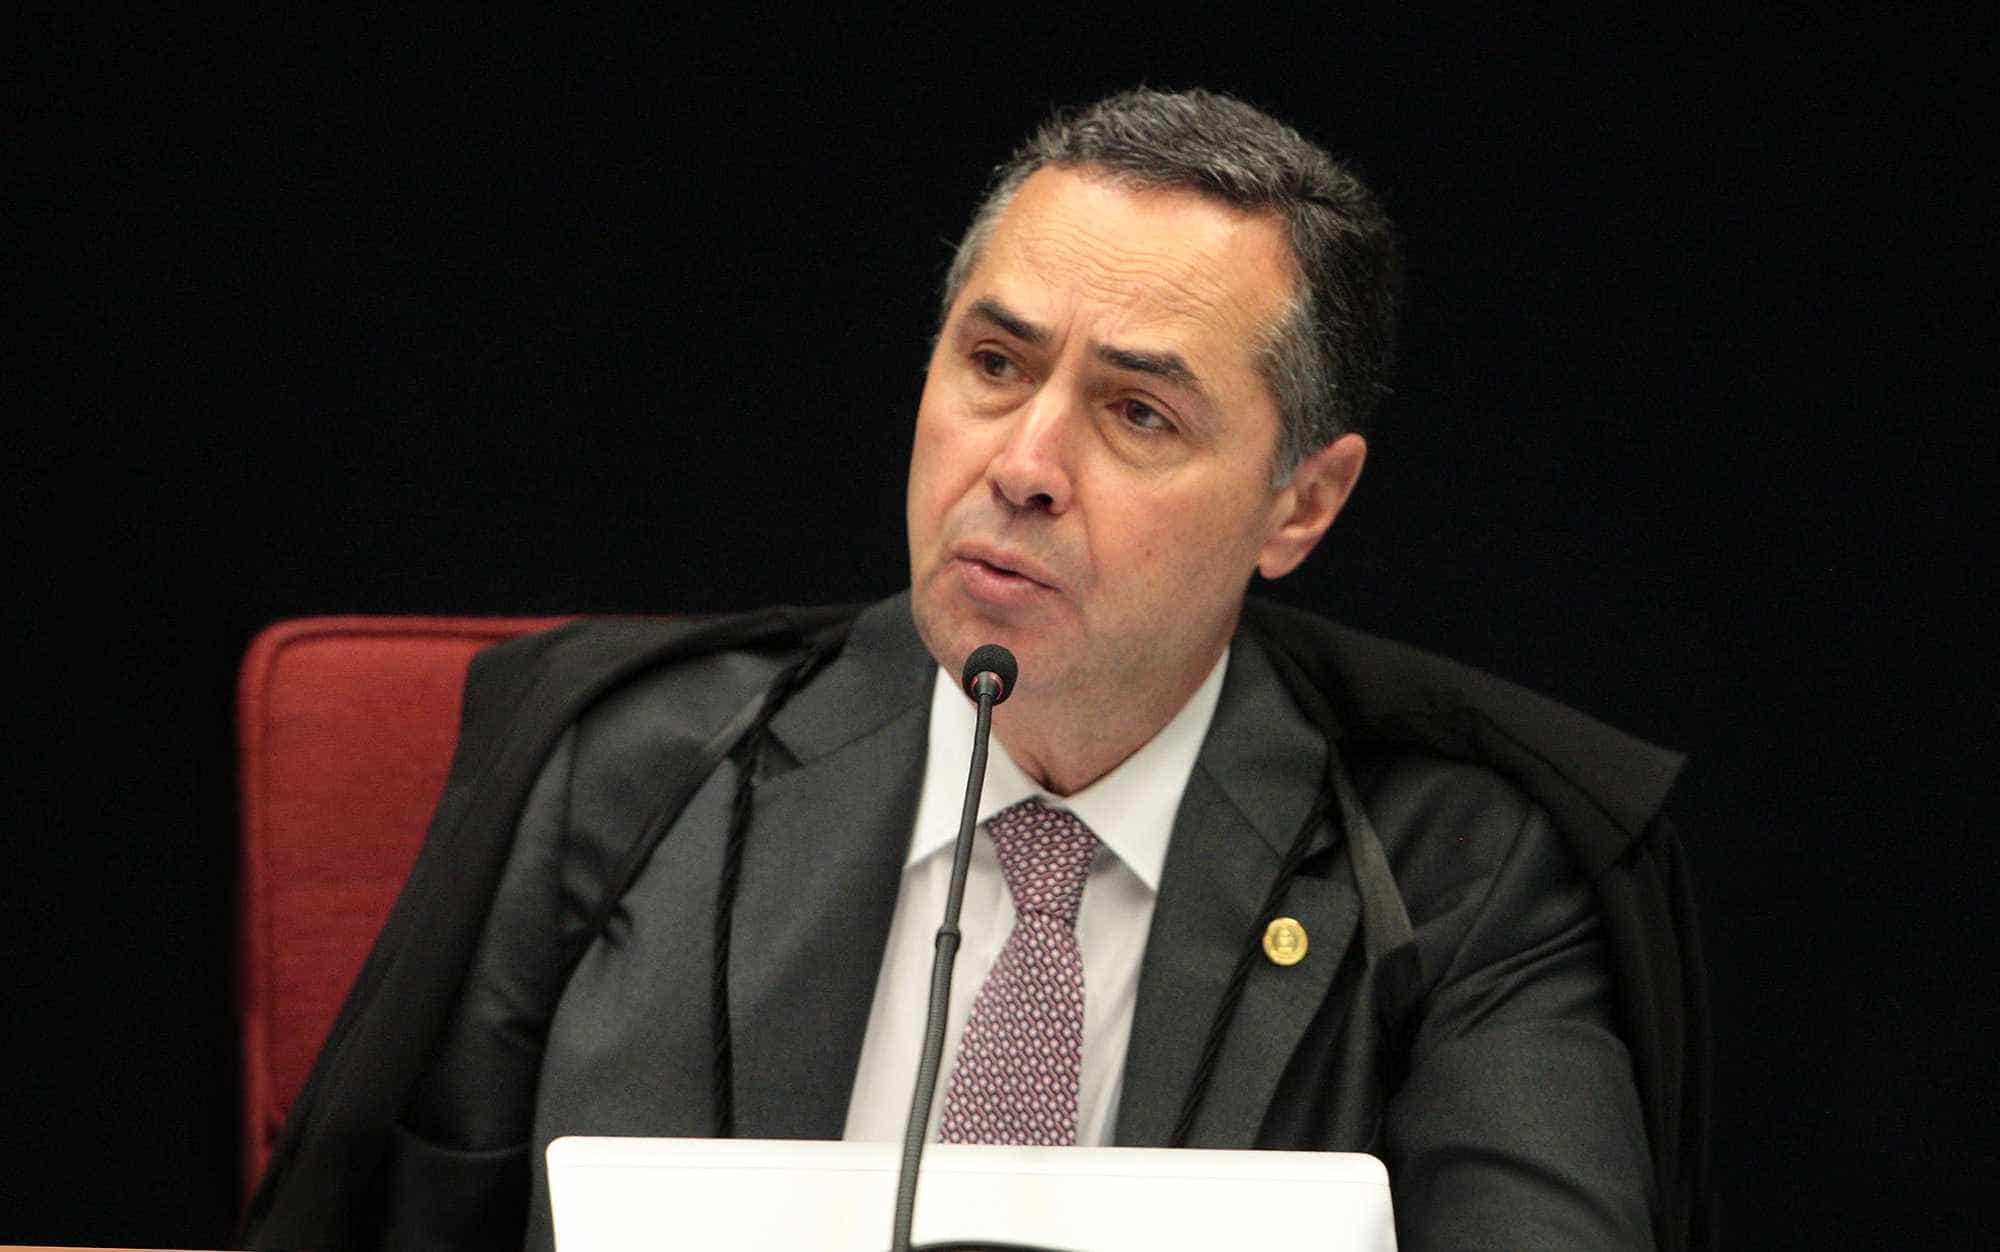 Barroso: 'Problema é juiz achar que o poder existe para proteger amigo'